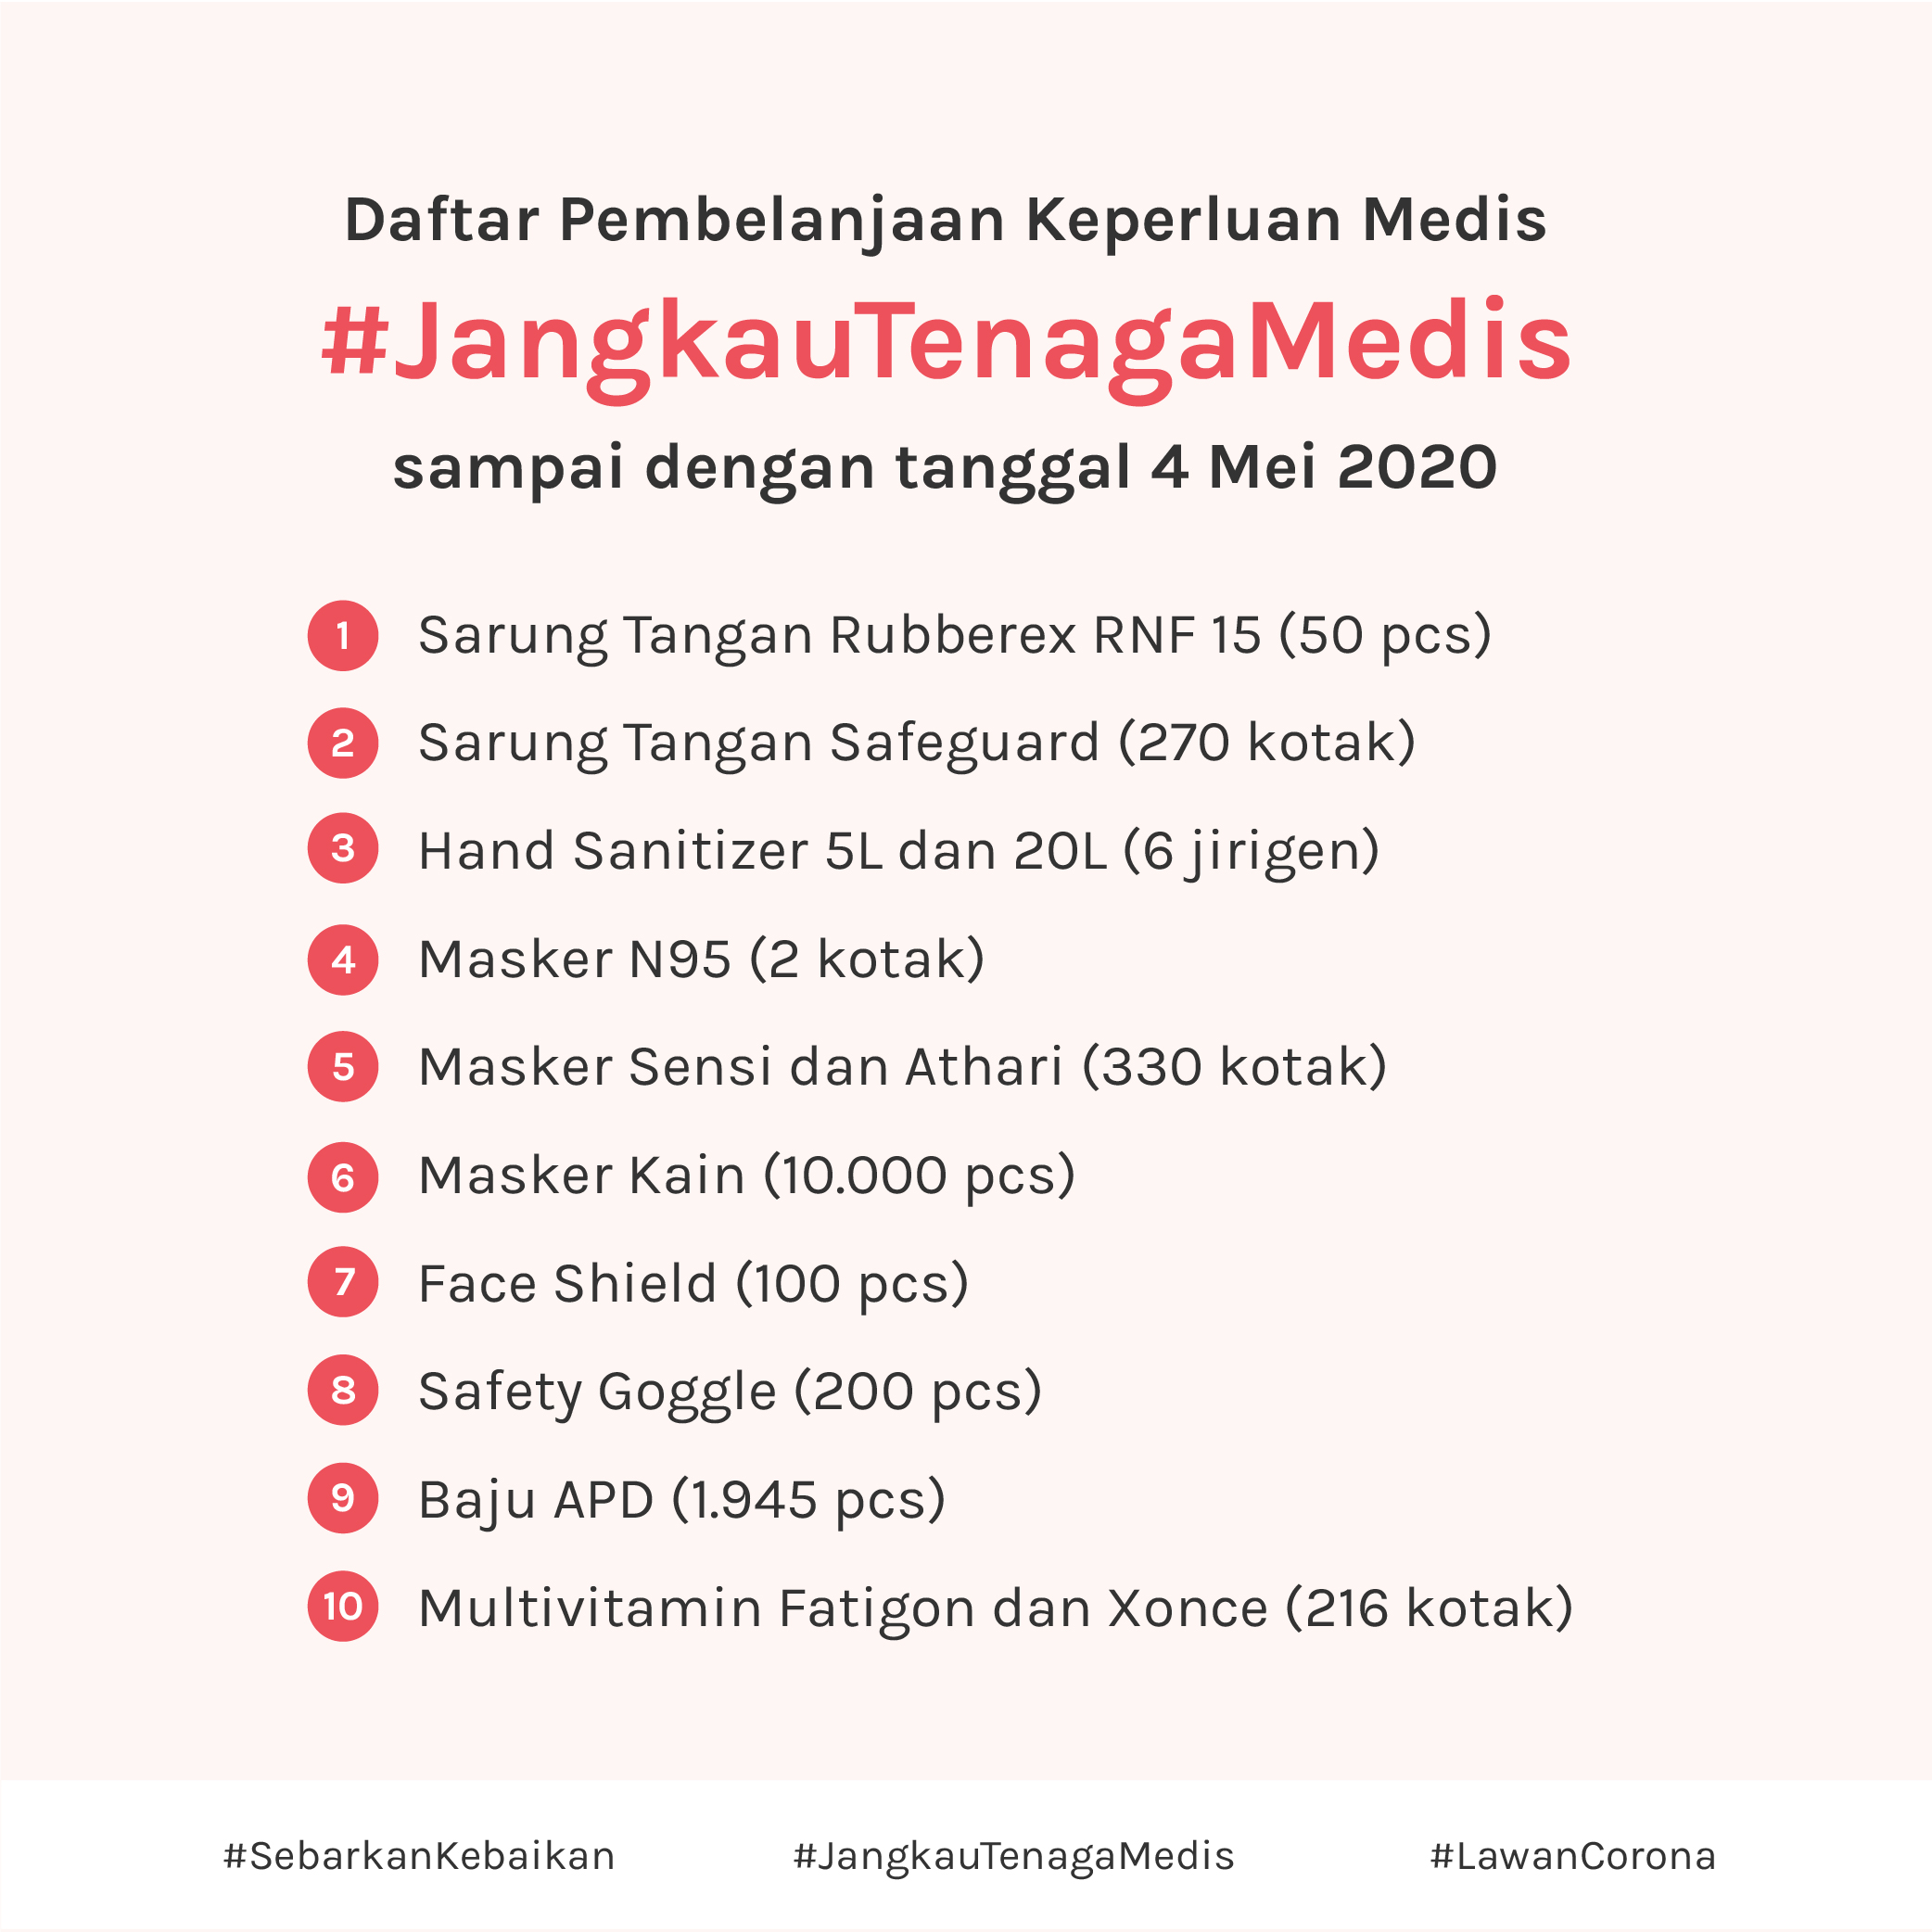 Daftar Pembelanjaan #JangkauTenagaMedis